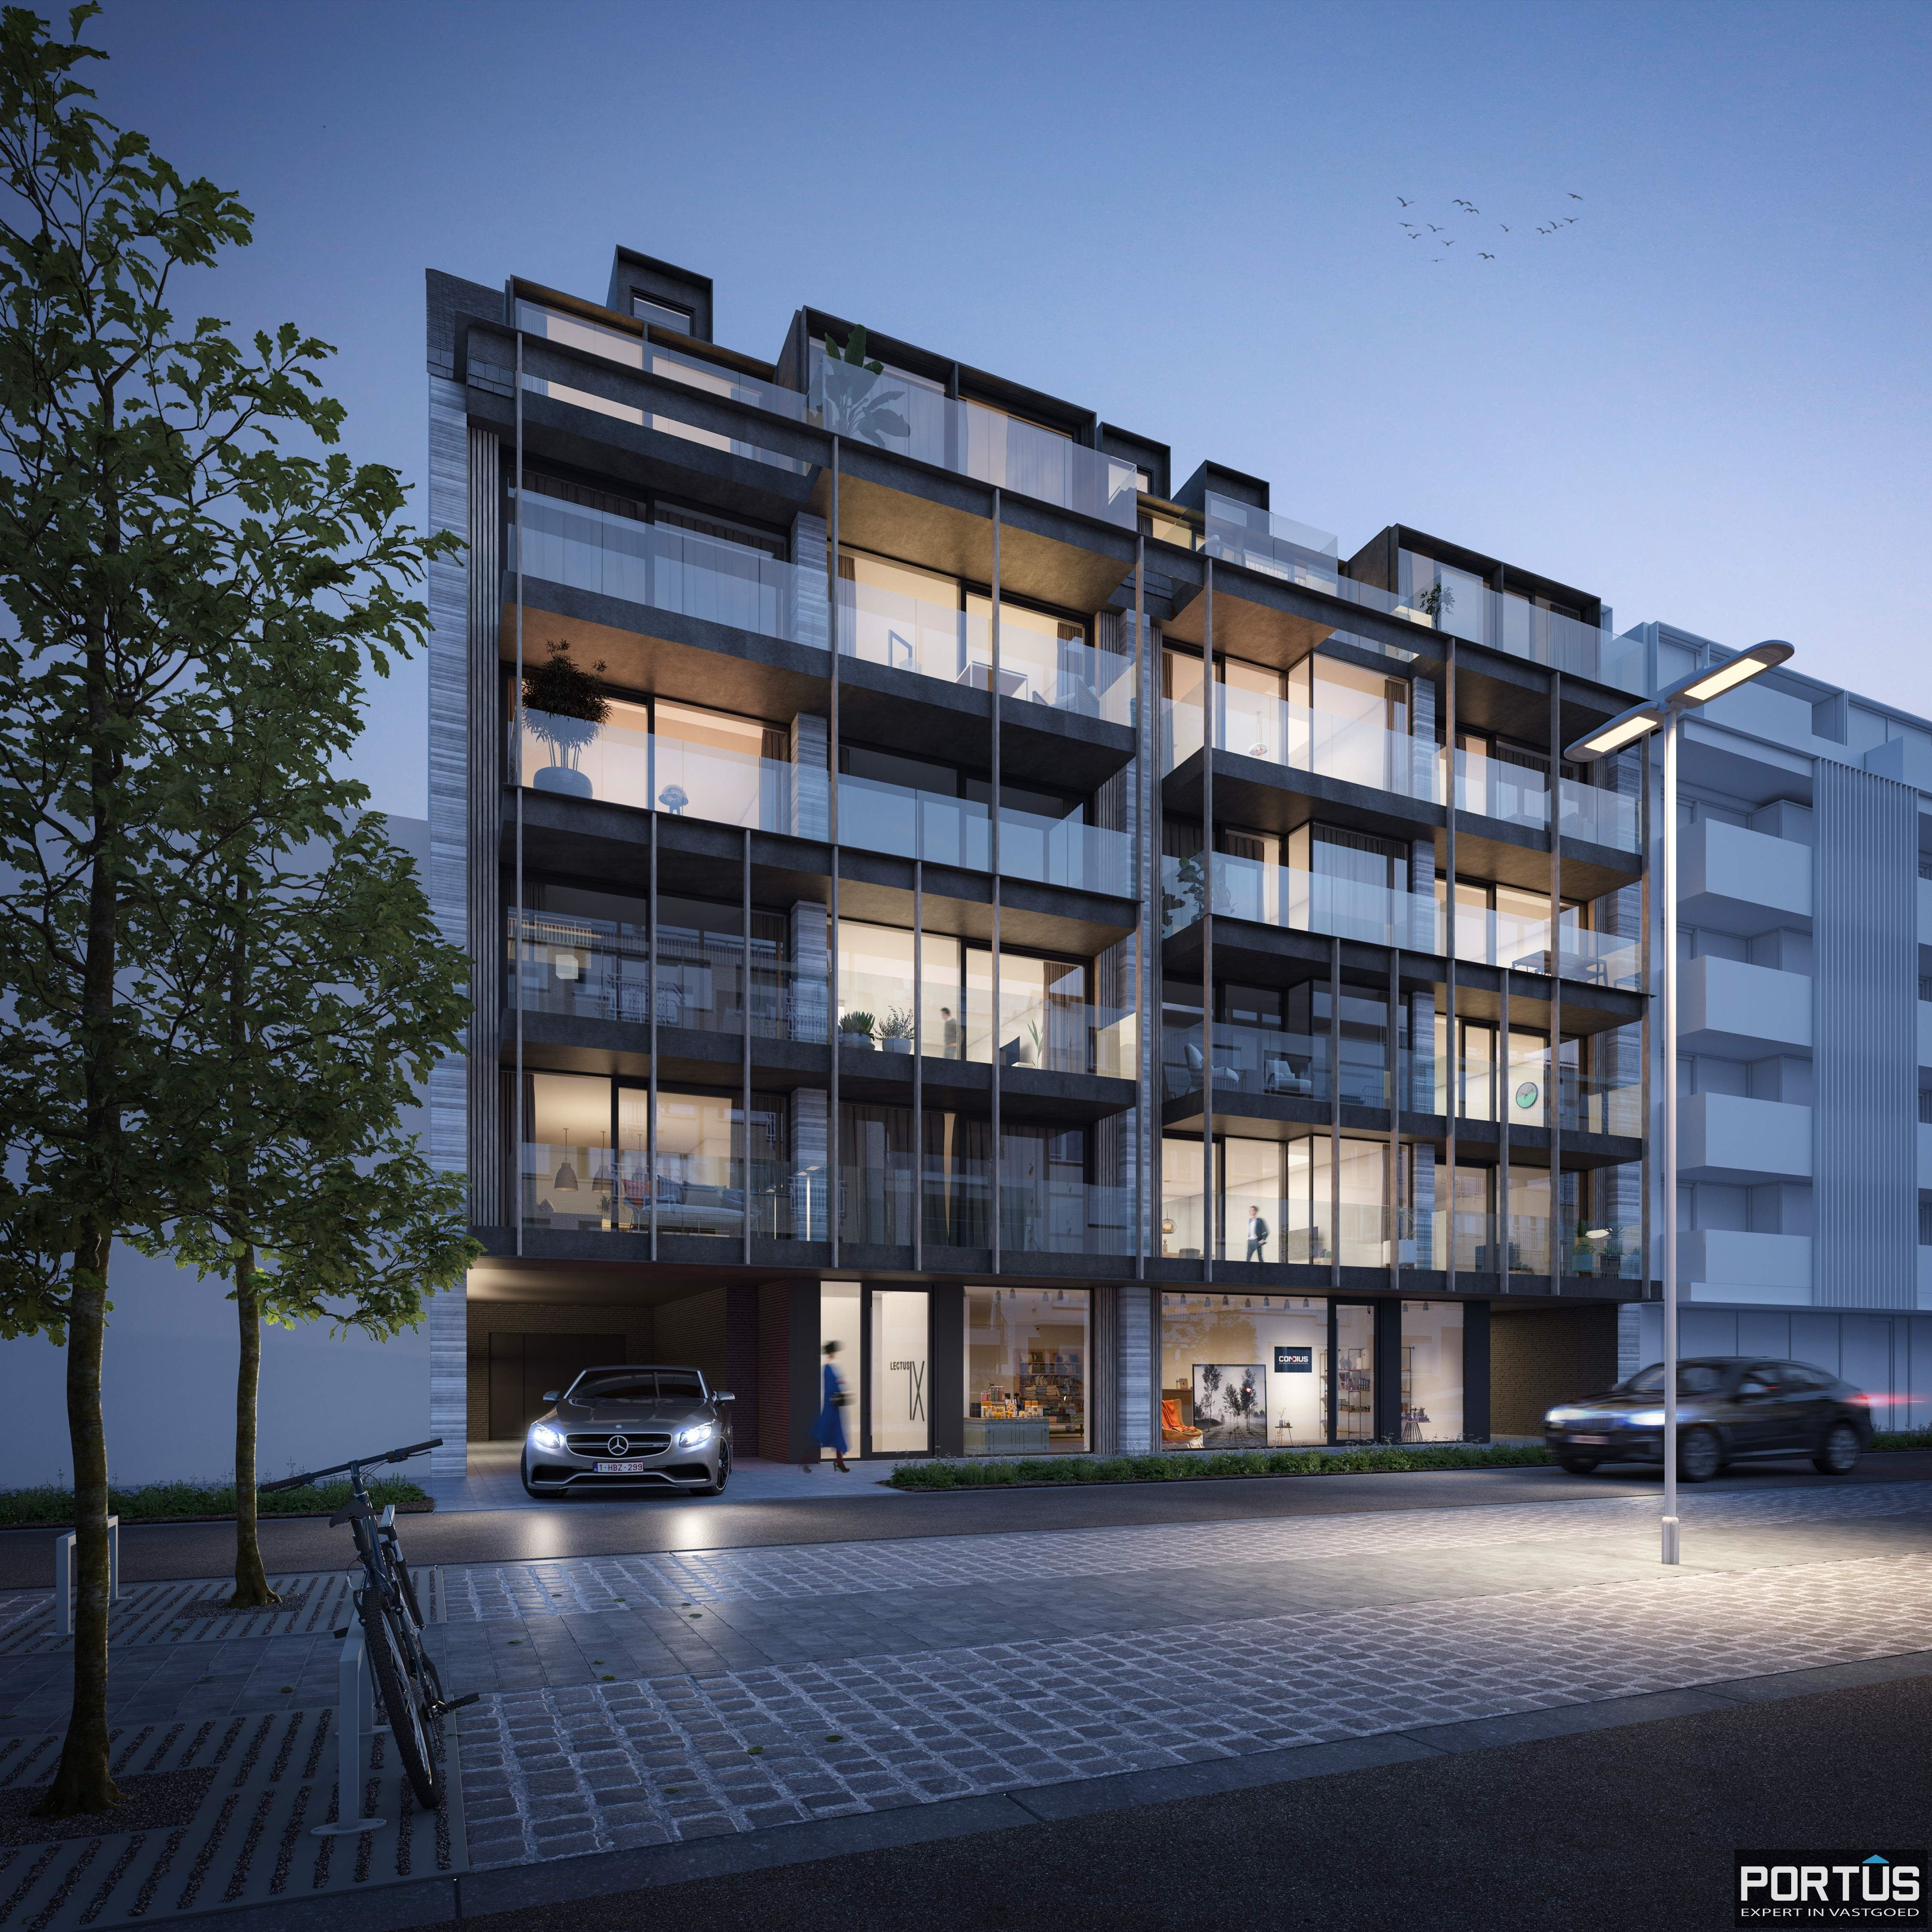 Appartement met 2 slaapkamers te koop in nieuwbouwresidentie Lectus IX te Nieuwpoort - 11924